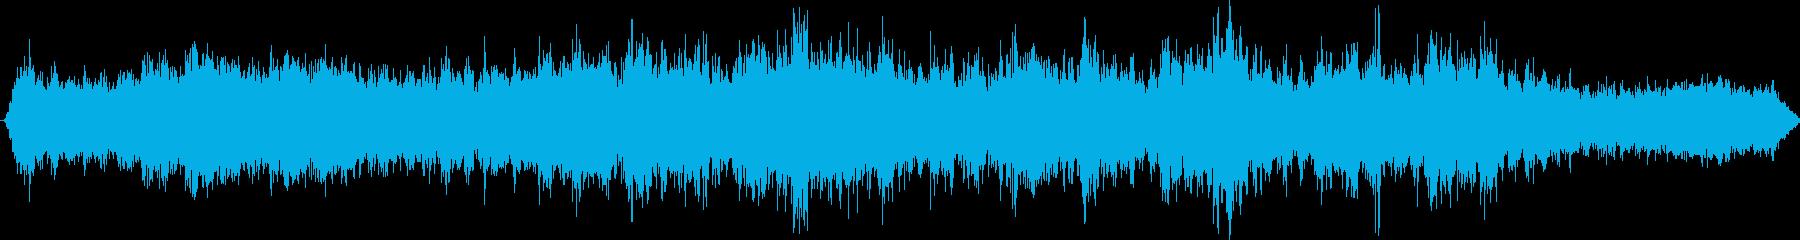 中規模のレセプションホール:ヘビー...の再生済みの波形